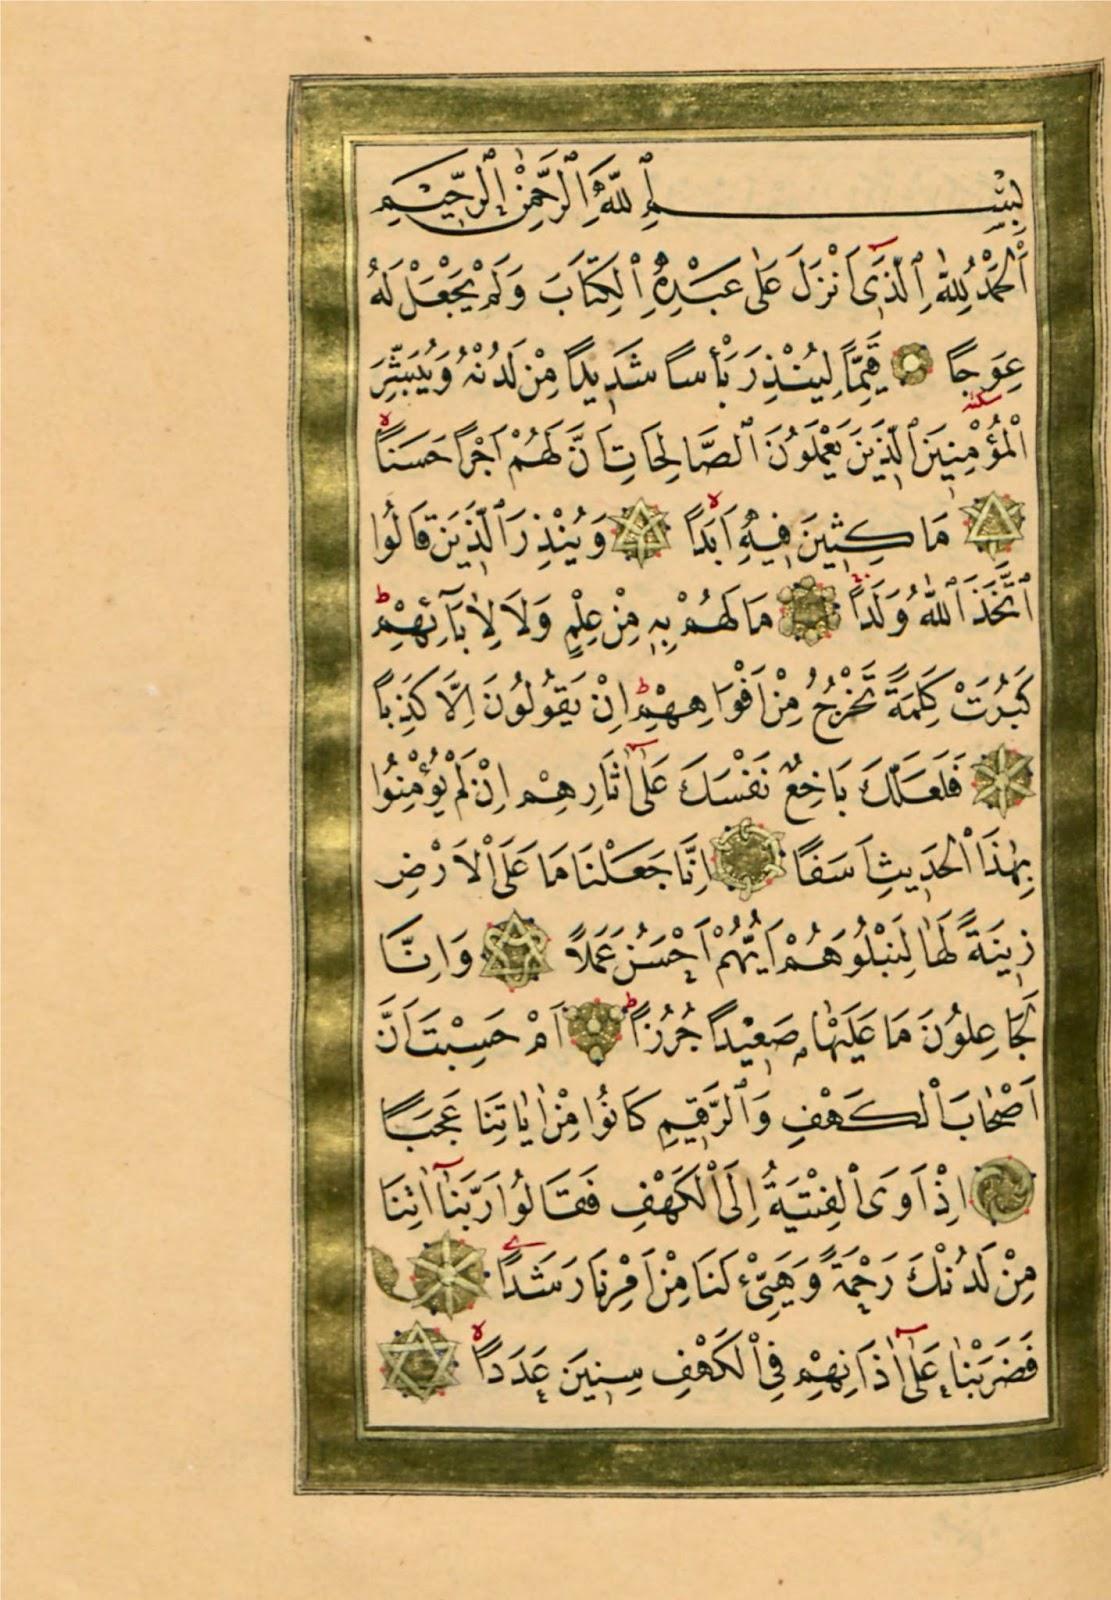 Pustaka Kaligrafi Surah Al Kahfi Karya Al Khaththath